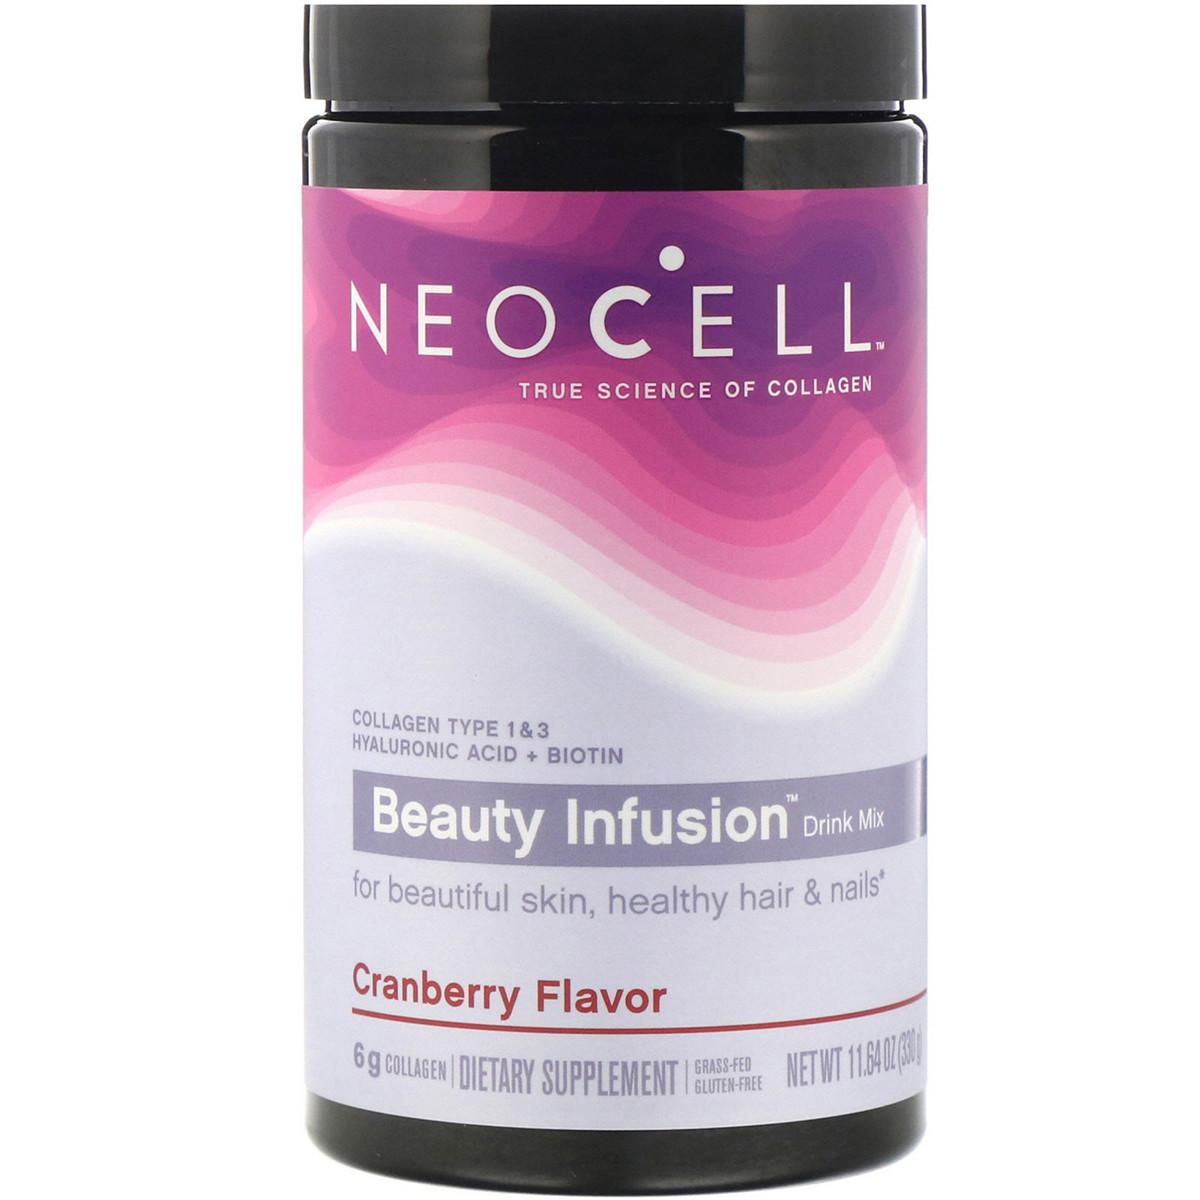 Комплекс для краси волосся, шкіри та нігтів Neocell Колаген 1 і 3 типу Гіалуронова кислота і Біотин смак журавлини